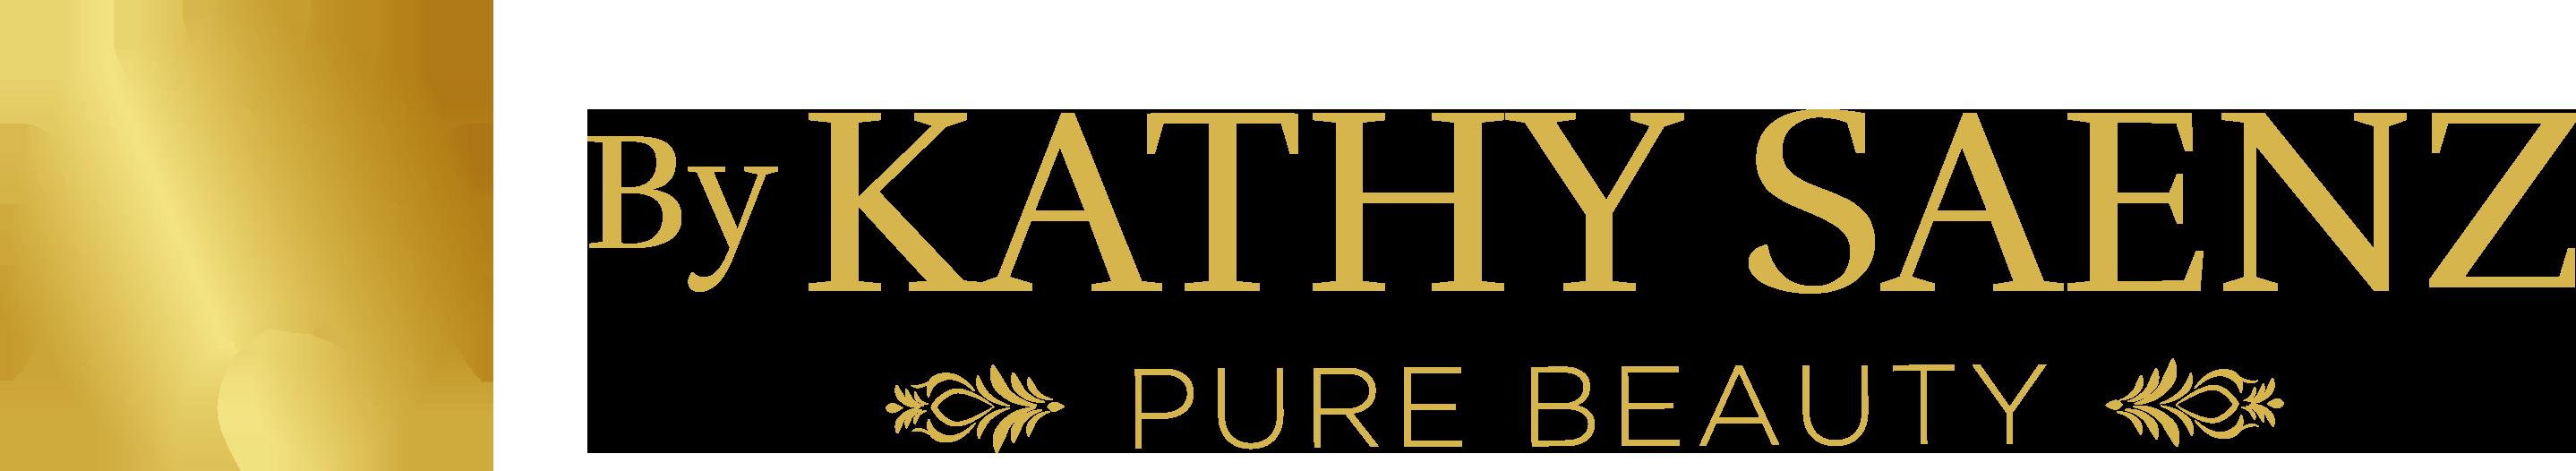 By Kathy Saenz Logo